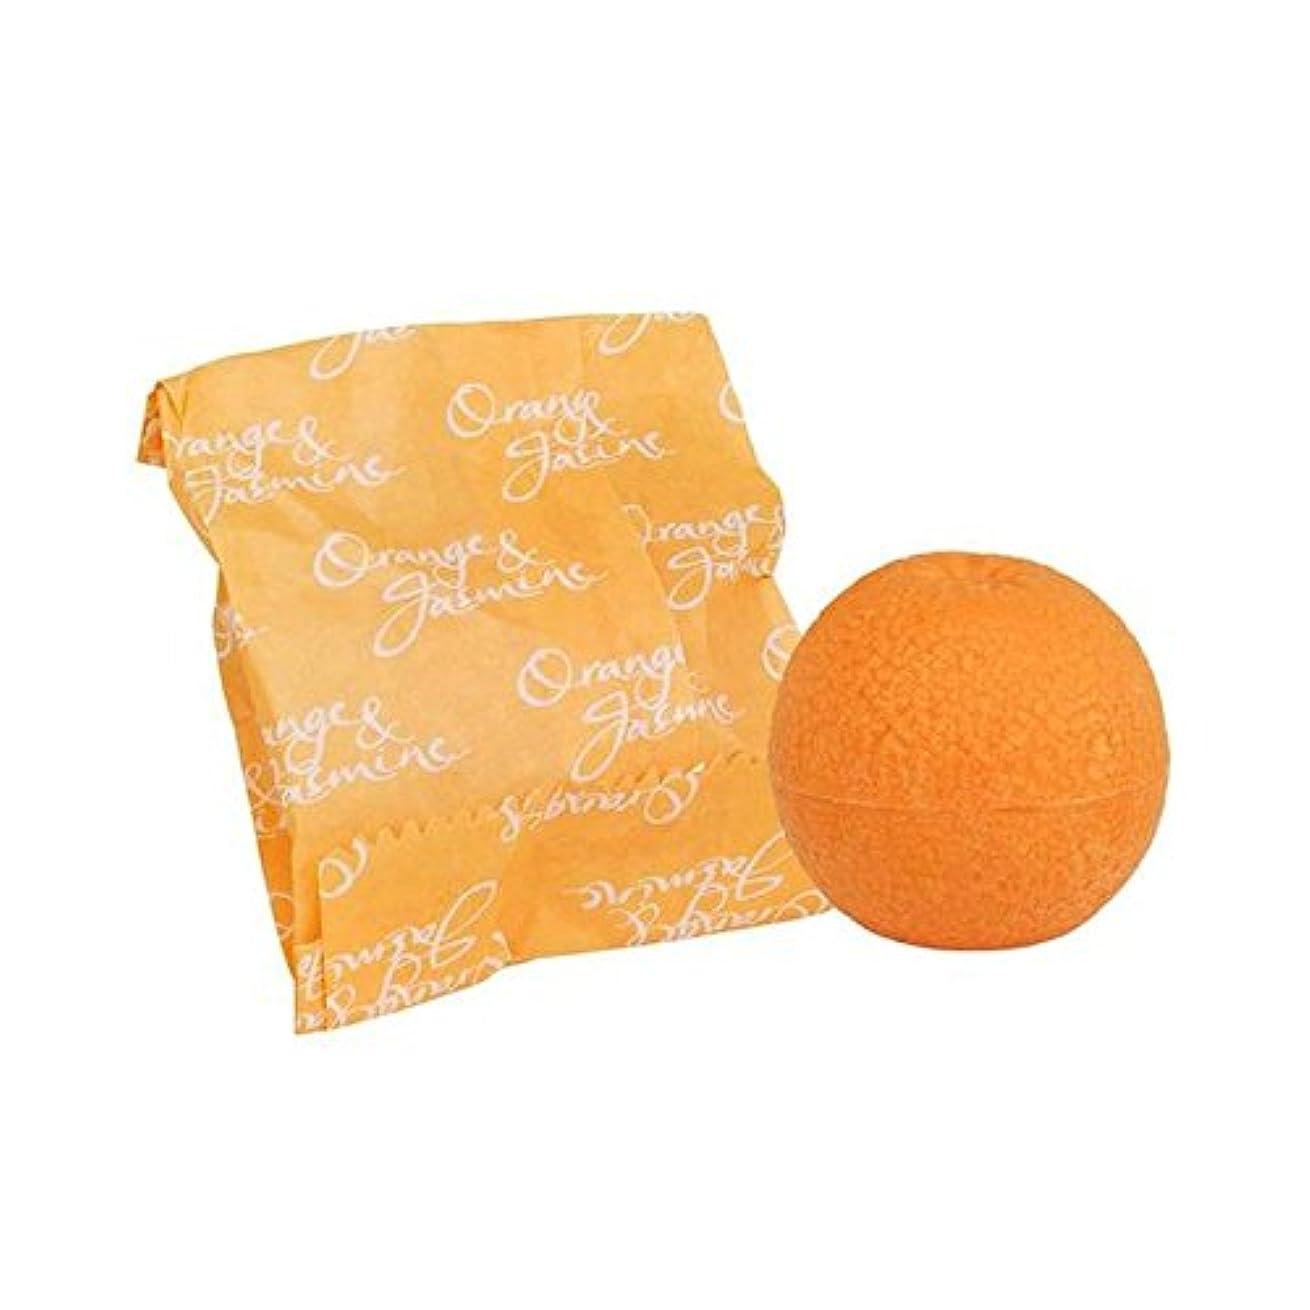 粉砕する進捗妥協オレンジ&ジャスミン石鹸100グラム x2 - Bronnley Orange & Jasmine Soap 100g (Pack of 2) [並行輸入品]